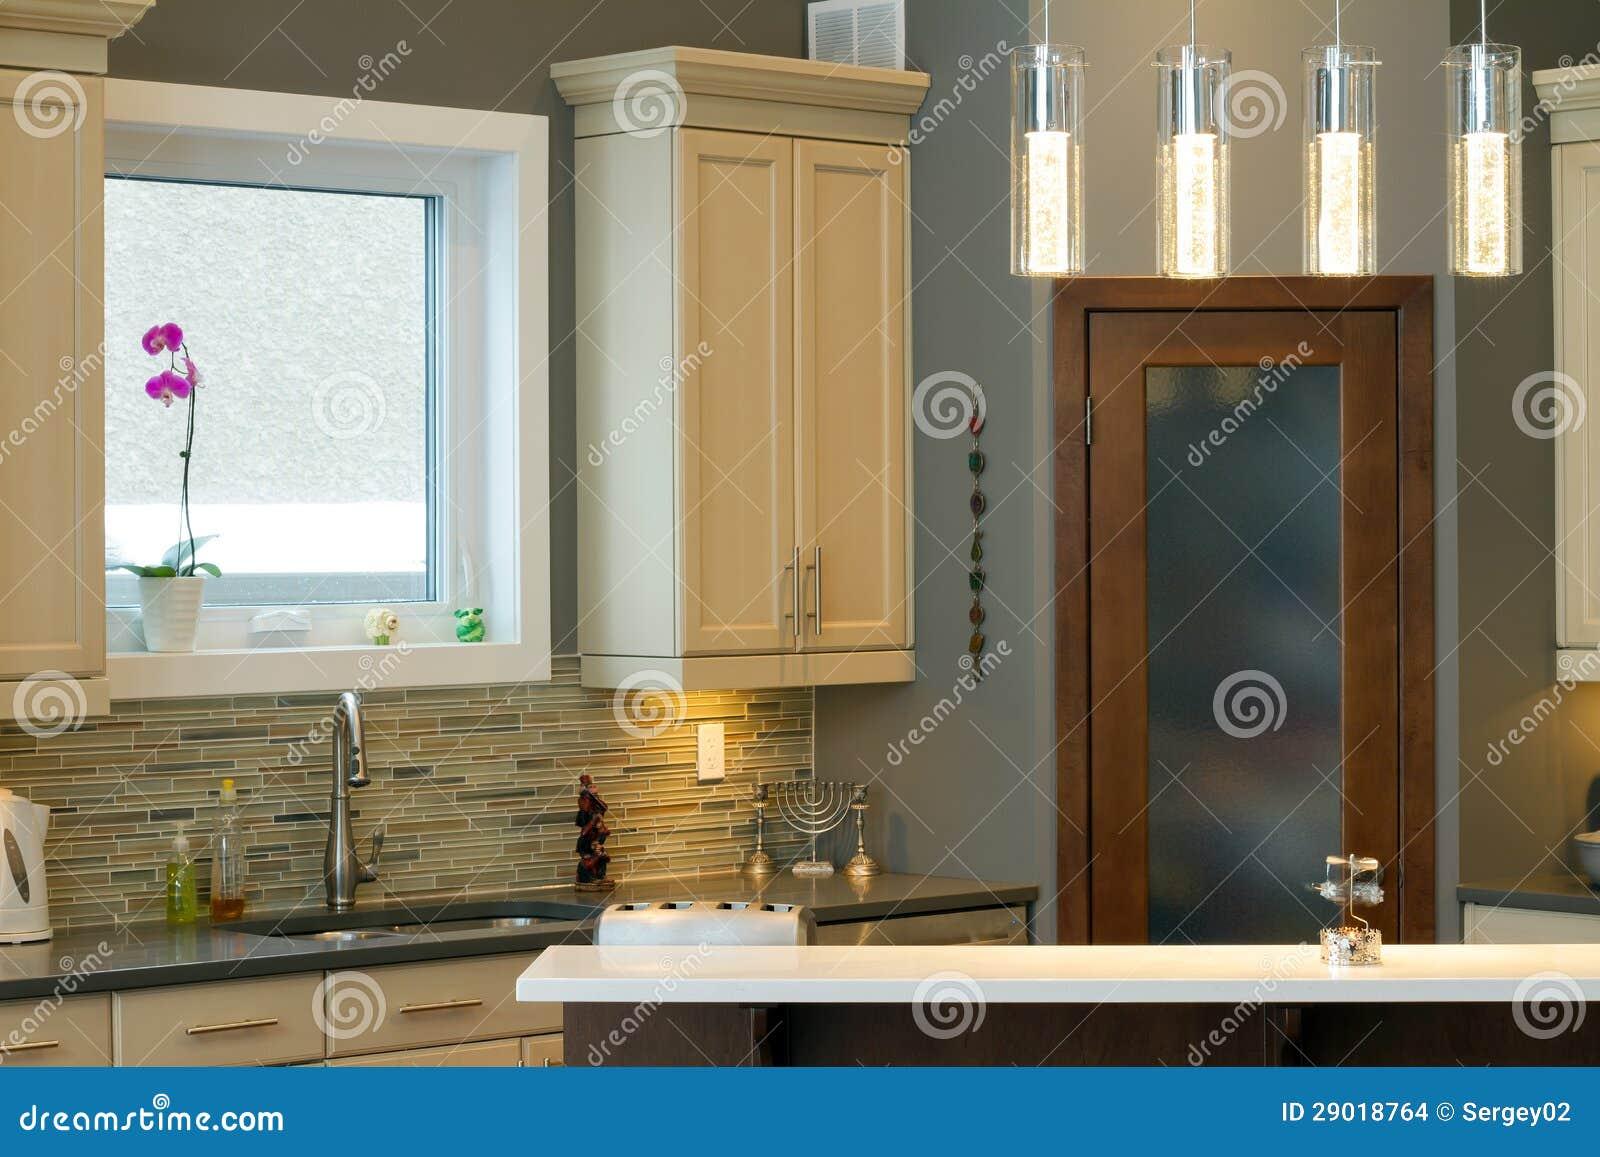 Design De Interiores Da Cozinha Imagens de Stock Imagem: 29018764 #82A328 1300 957